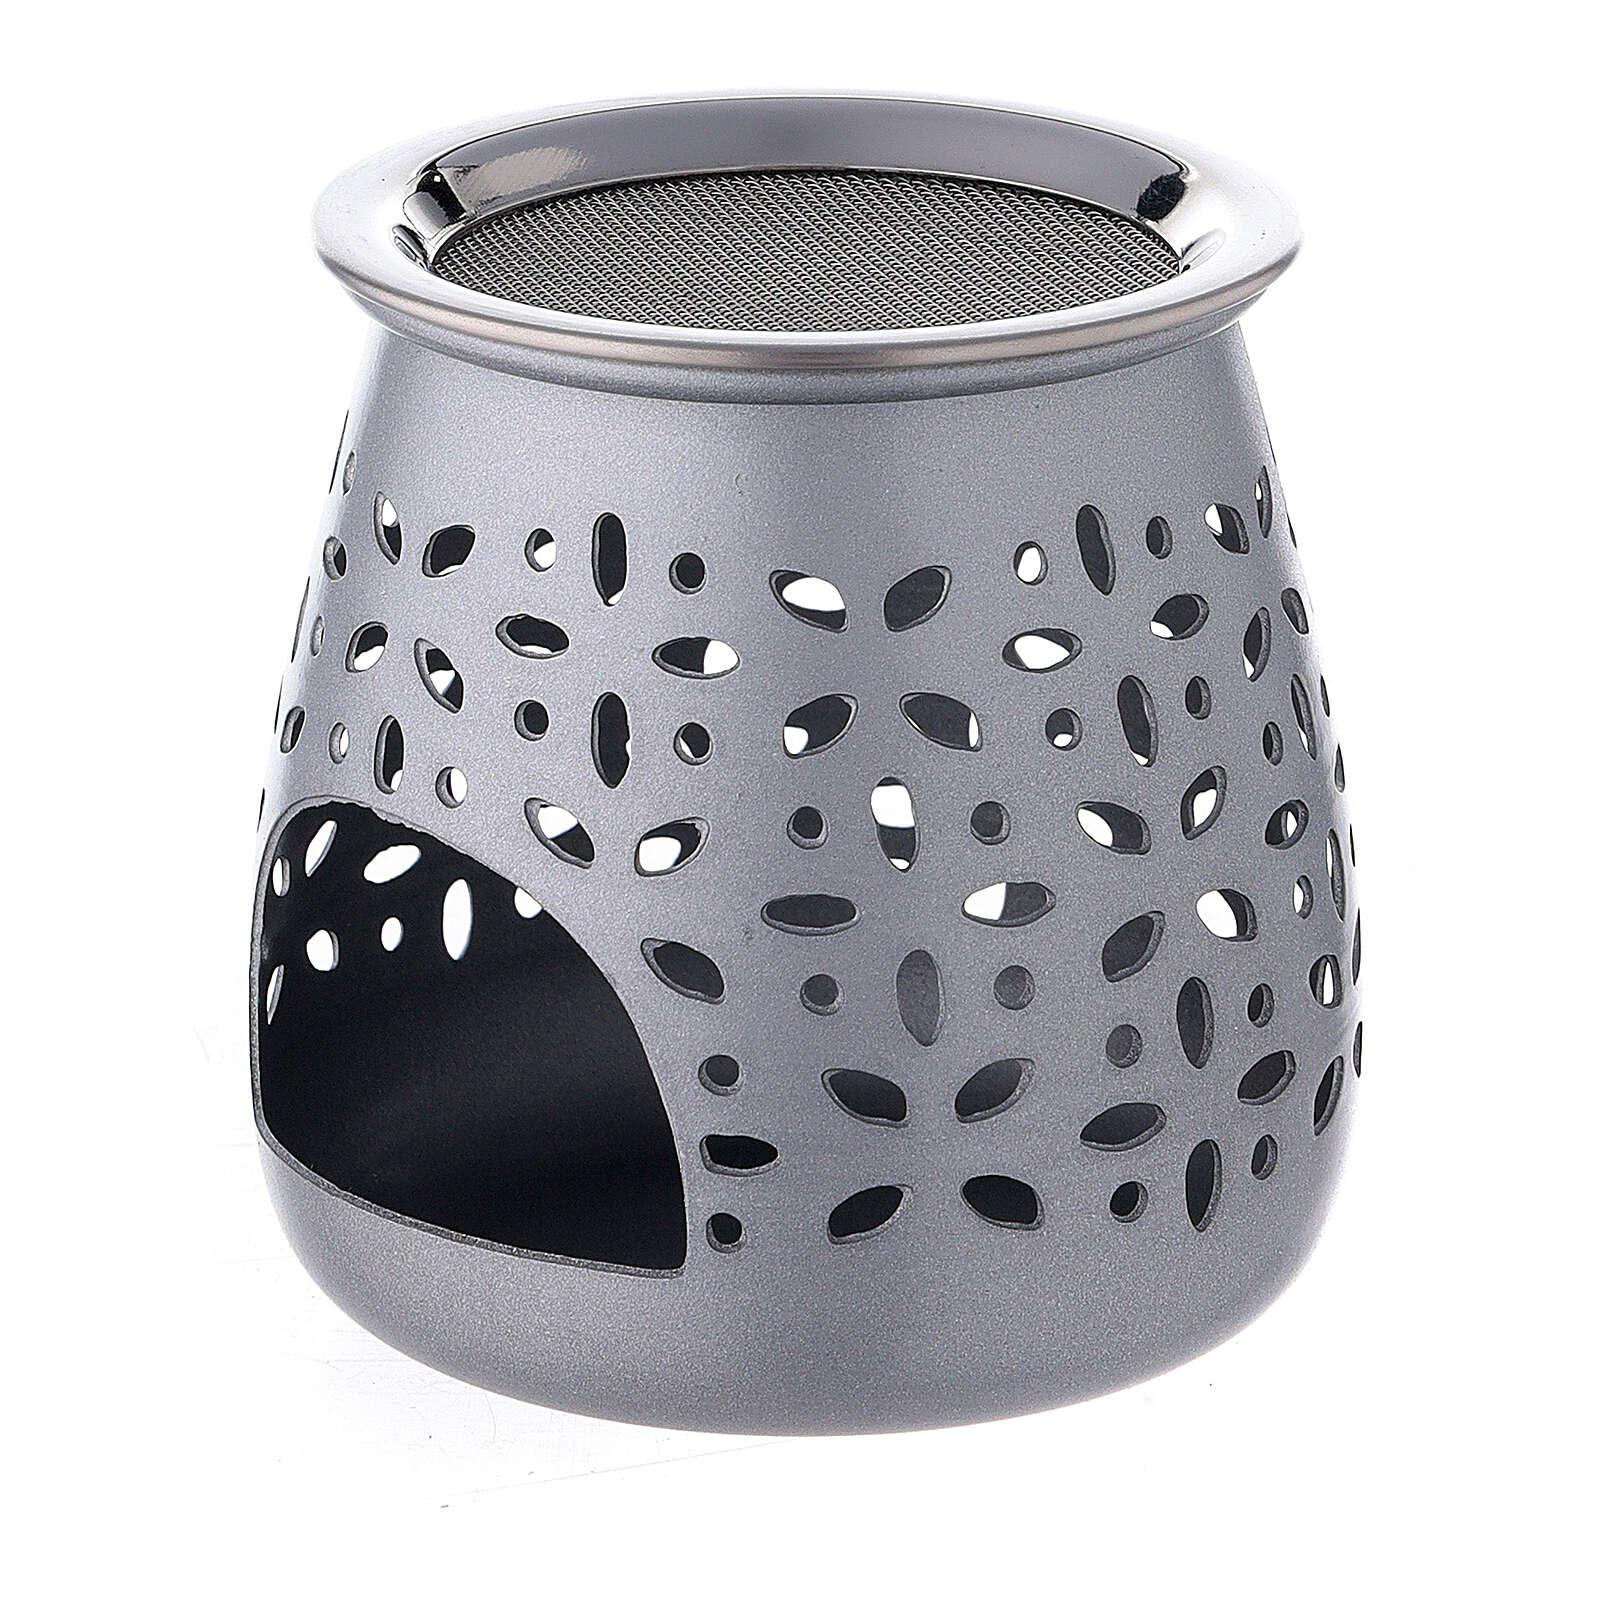 Aluminium incense burner with satin finish 3 in 3